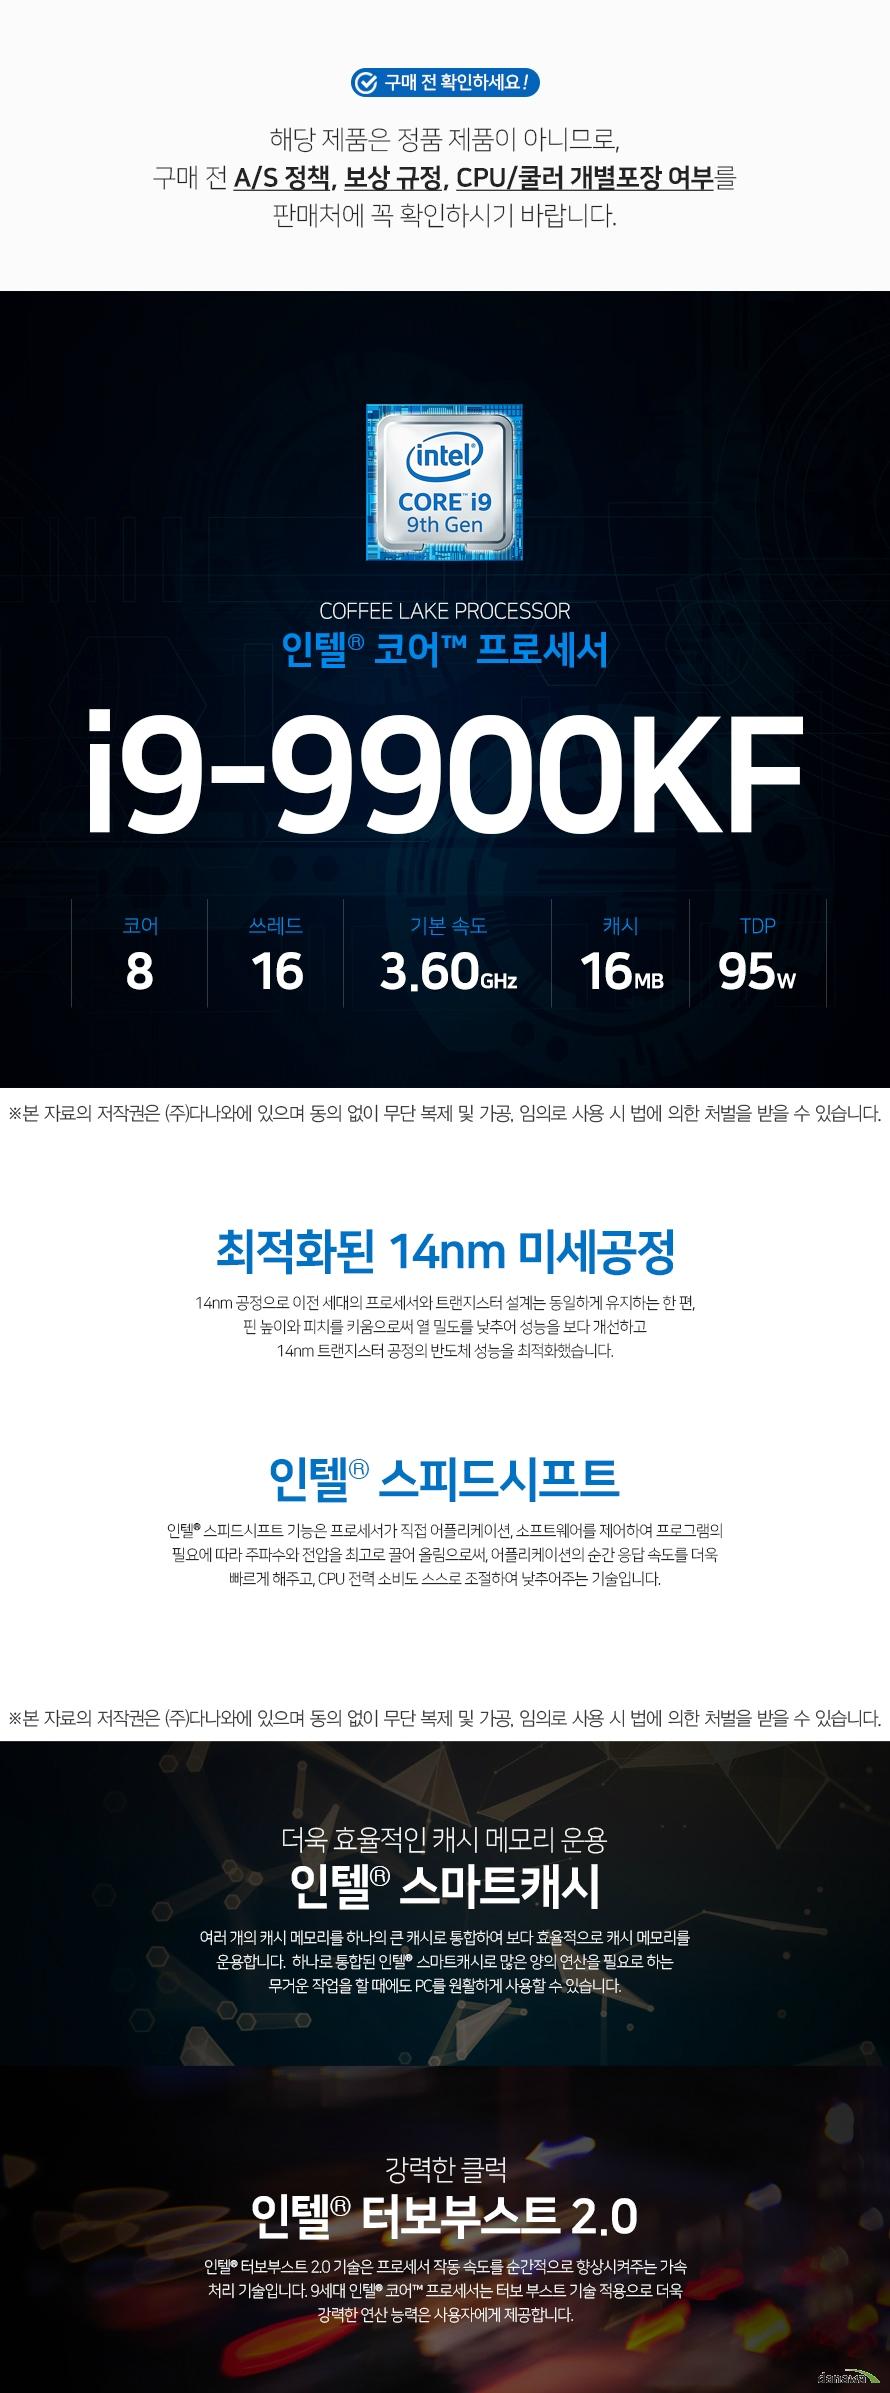 인텔-코어-i9-9세대-9900KF-(커피레이크-R)  해당 제품은 정품 제품이 아니므로,구매 전 A/S 정책, 보상 규정, CPU/쿨러 개별포장 여부를 판매처에 꼭 확인하시기 바랍니다.    최적화된 14nm 미세공정 14nm 공정으로 이전 세대의 프로세서와 트랜지스터 설계는 동일하게 유지하는 한 편,  핀 높이와 피치를 키움으로써 열 밀도를 낮추어 성능을 보다 개선하고  14nm 트랜지스터 공정의 반도체 성능을 최적화했습니다.    인텔® 스피드시프트 인텔® 스피드시프트 기능은 프로세서가 직접 어플리케이션, 소프트웨어를 제어하여 프로그램의 필요에 따라 주파수와 전압을 최고로 끌어 올림으로써, 어플리케이션의 순간 응답 속도를 더욱 빠르게 해주고, CPU 전력 소비도 스스로 조절하여 낮추어주는 기술입니다.  더욱 효율적인 캐시 메모리 운용 인텔 스마트캐시  여러 개의 캐시 메모리를 하나의 큰 캐시로 통합하여 보다 효률적으로 캐시 메모리를 운용합니다.  하나로 통합된 인텔 스마트캐시로 많은 양의 연산을 필요로 하는 무거운 작업을 할 때에도 PC를 원활하게 사용할 수 있습니다  강력한 클럭 인텔® 터보부스트 2.0 인텔® 터보부스트 2.0 기술은 프로세서 작동 속도를 순간적으로 향상시켜주는 가속 처리 기술입니다. 9세대 인텔® 코어™ 프로세서는 터보 부스트 기술 적용으로 더욱 강력한 연산 능력은 사용자에게 제공합니다.